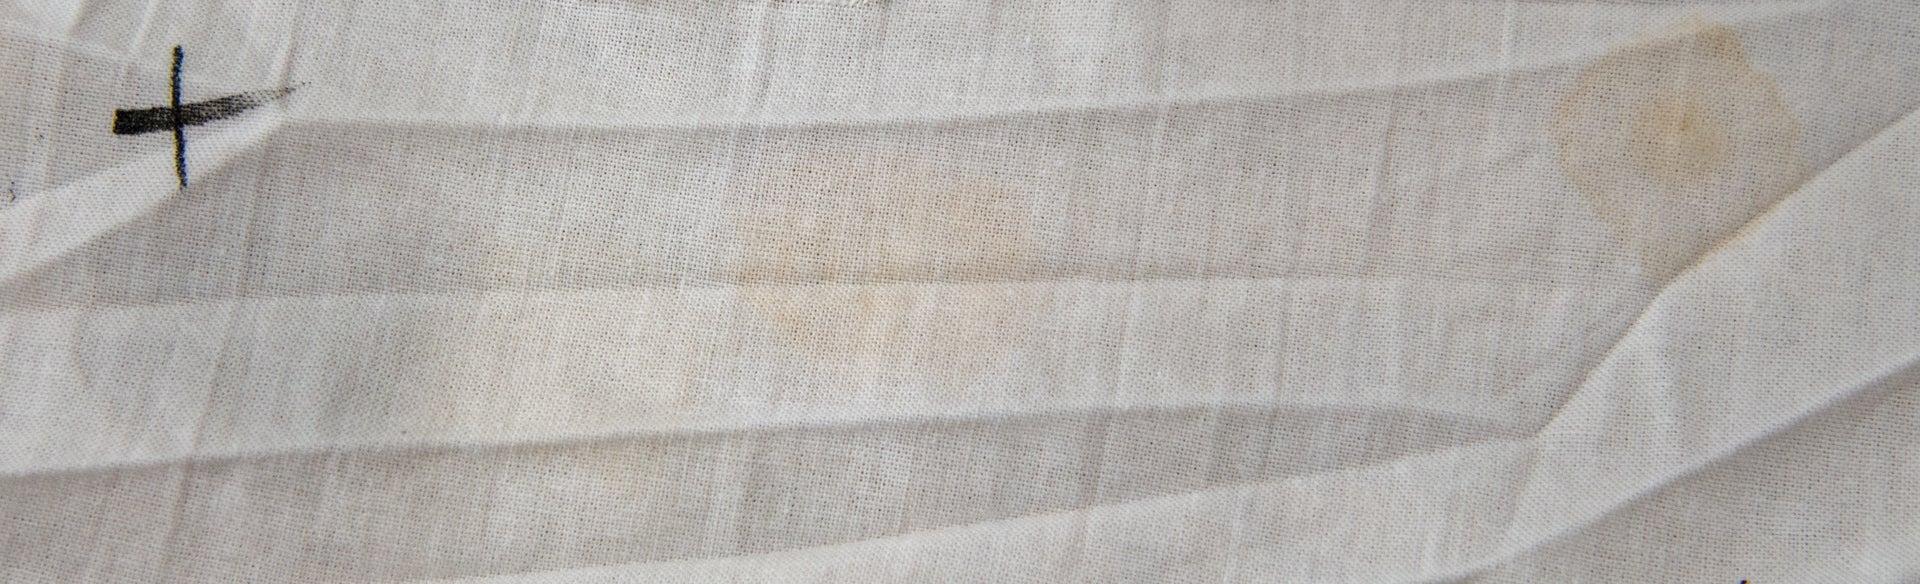 Samsung WW9800T 30C cotton clean